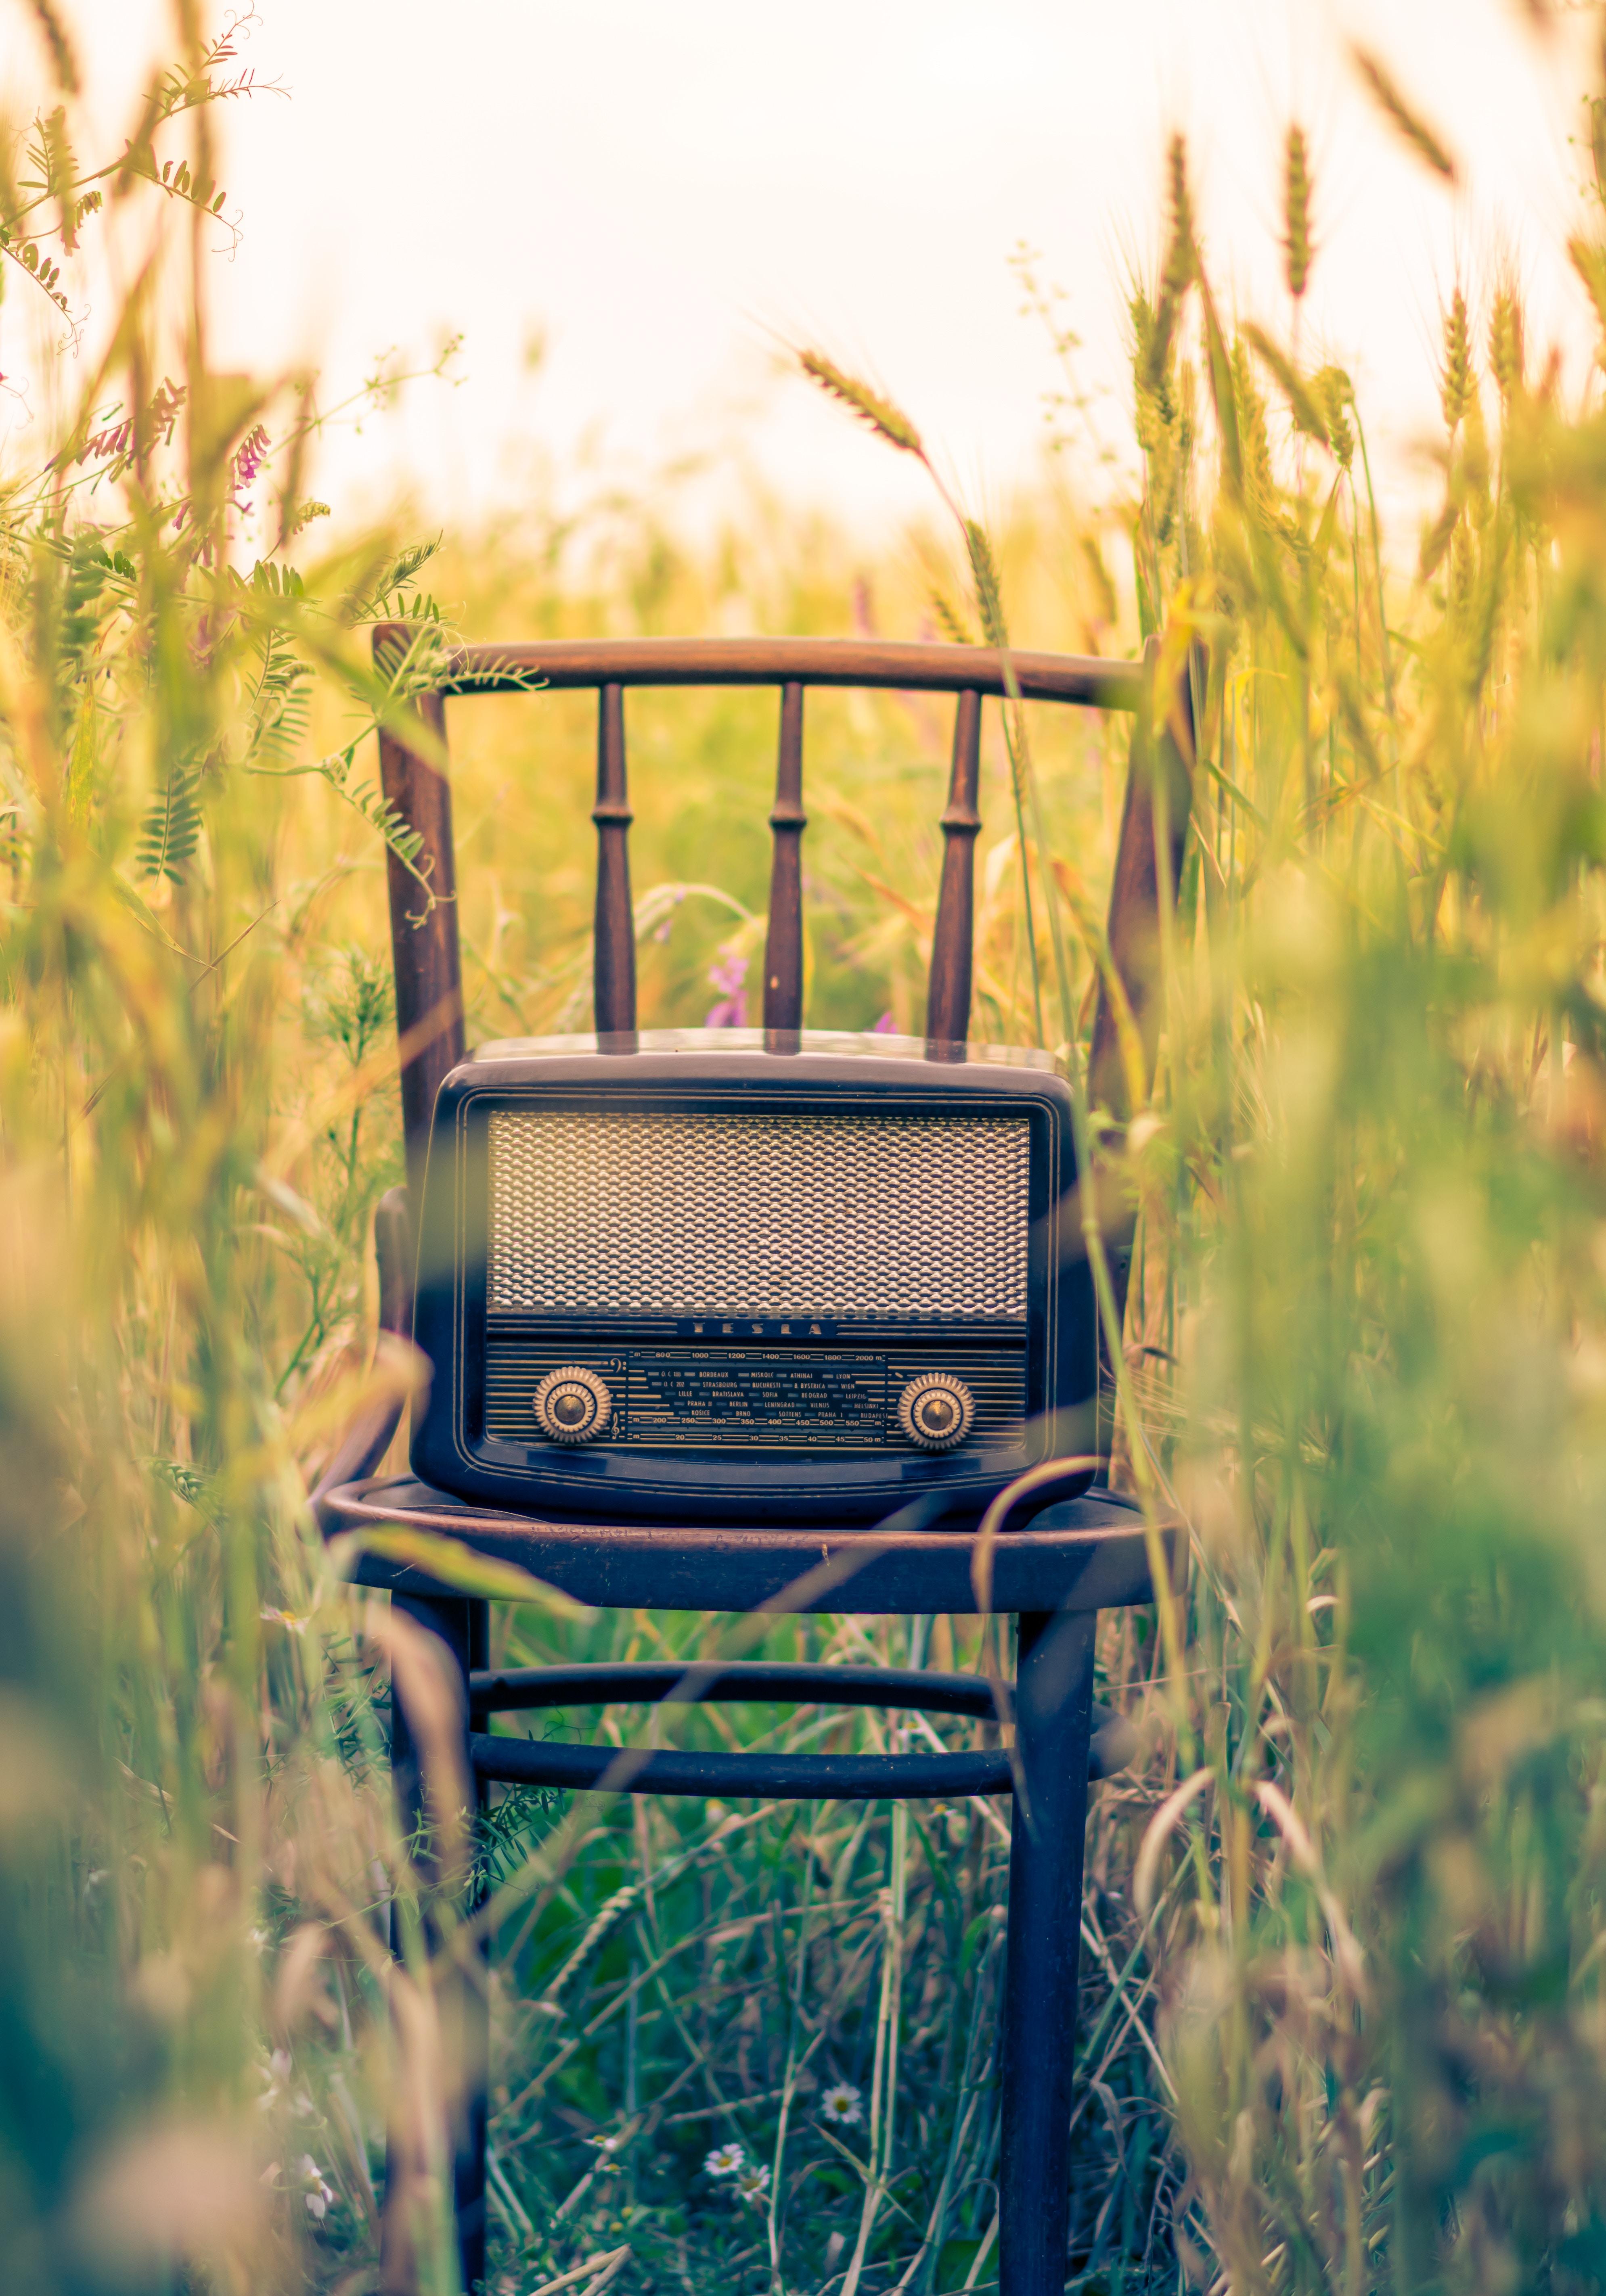 Milyen lesz a jövő rádiója? Megmondják a jövő hallgatói